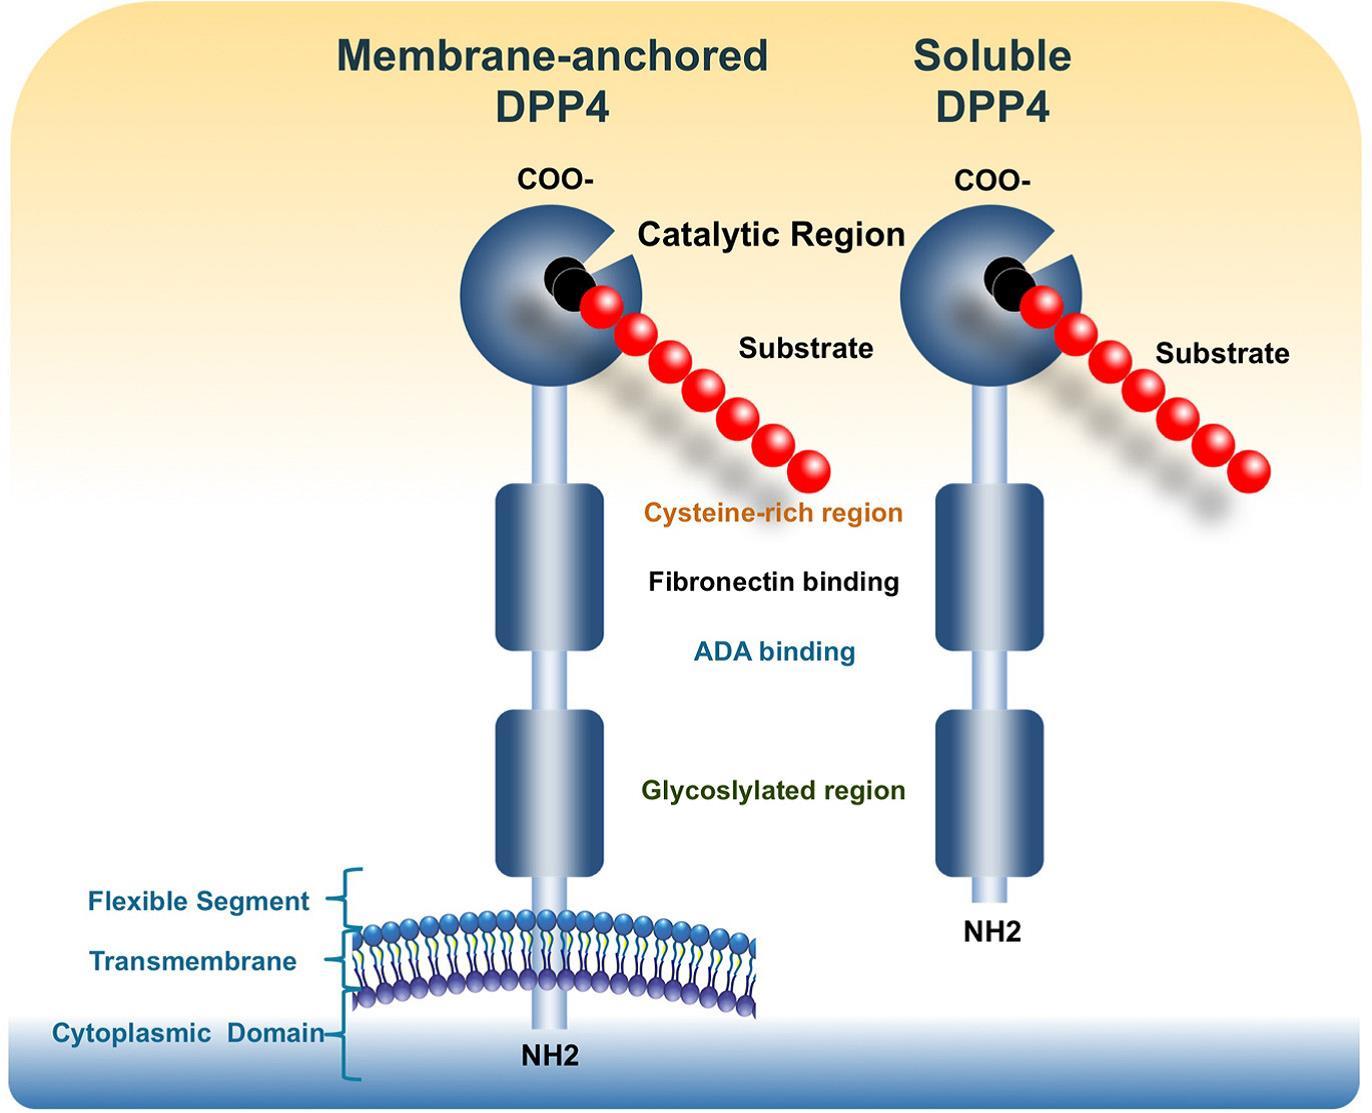 Membrane-bound DPP4